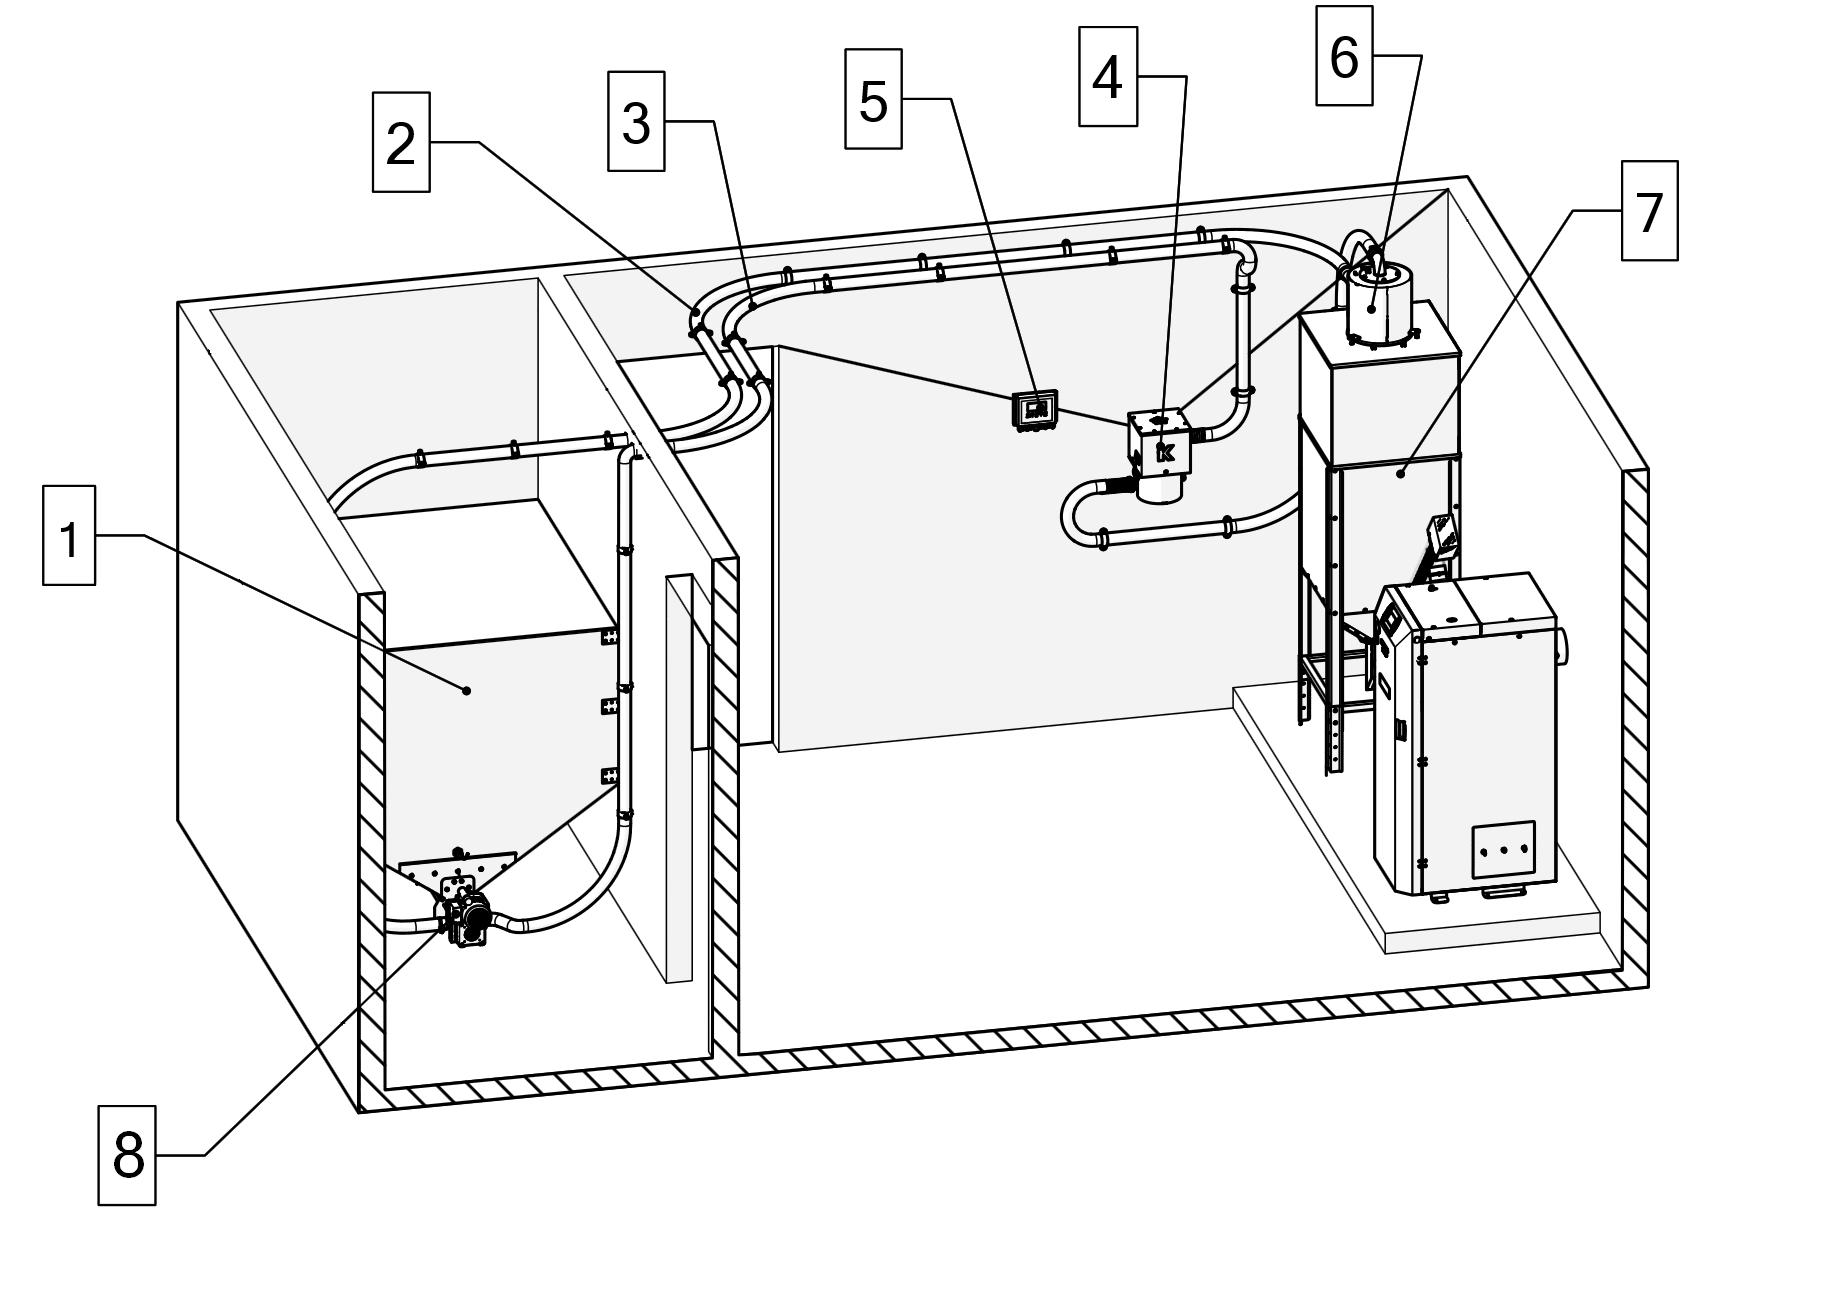 pneumatine tiekimo sistema patalpos pvz